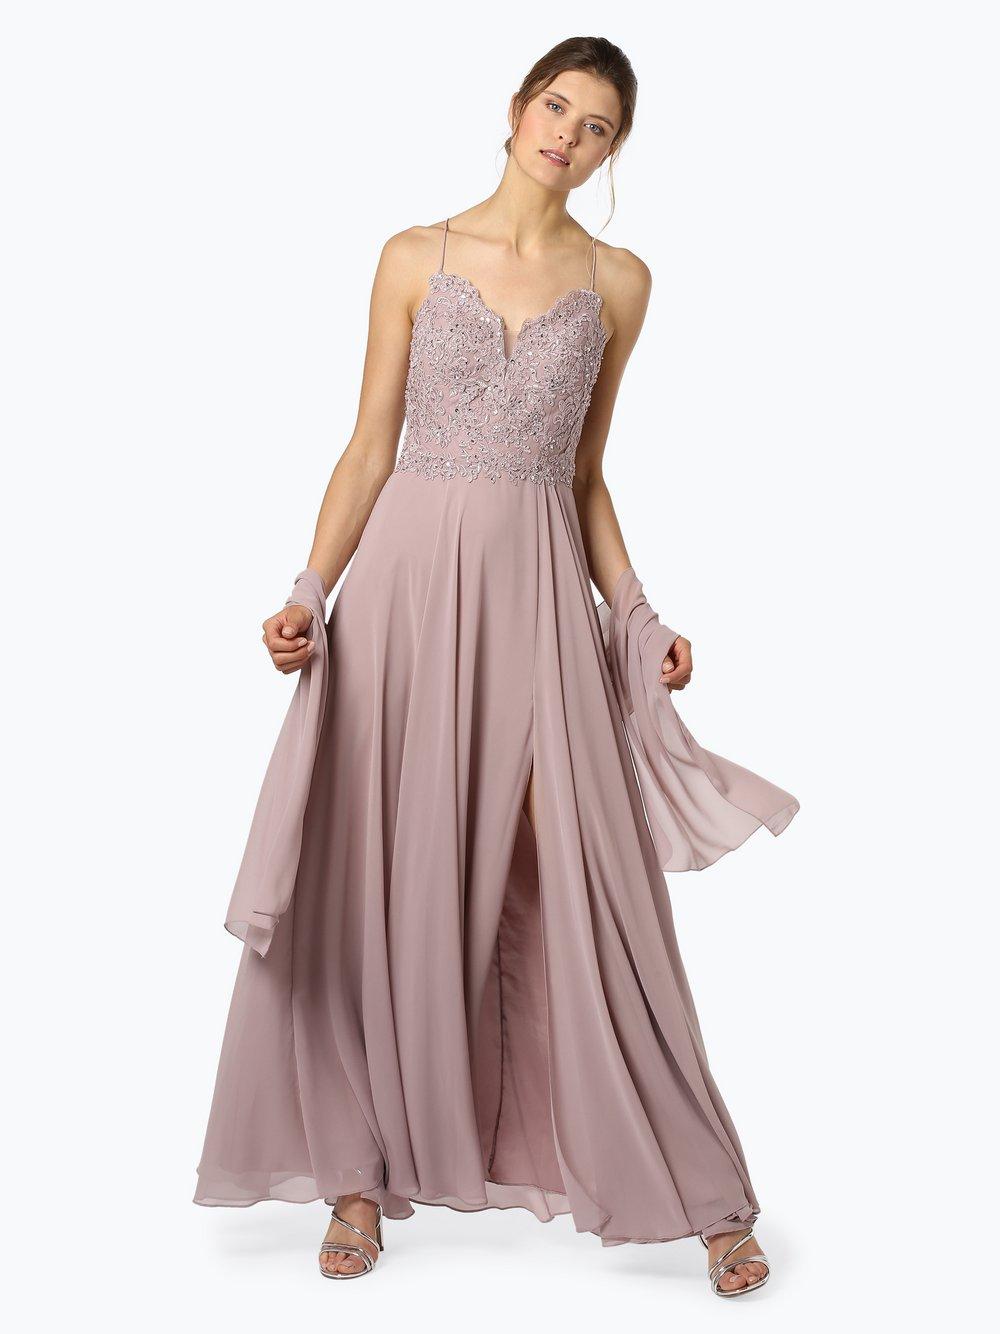 Unique – Damska sukienka wieczorowa z etolą, różowy Van Graaf 444659-0001